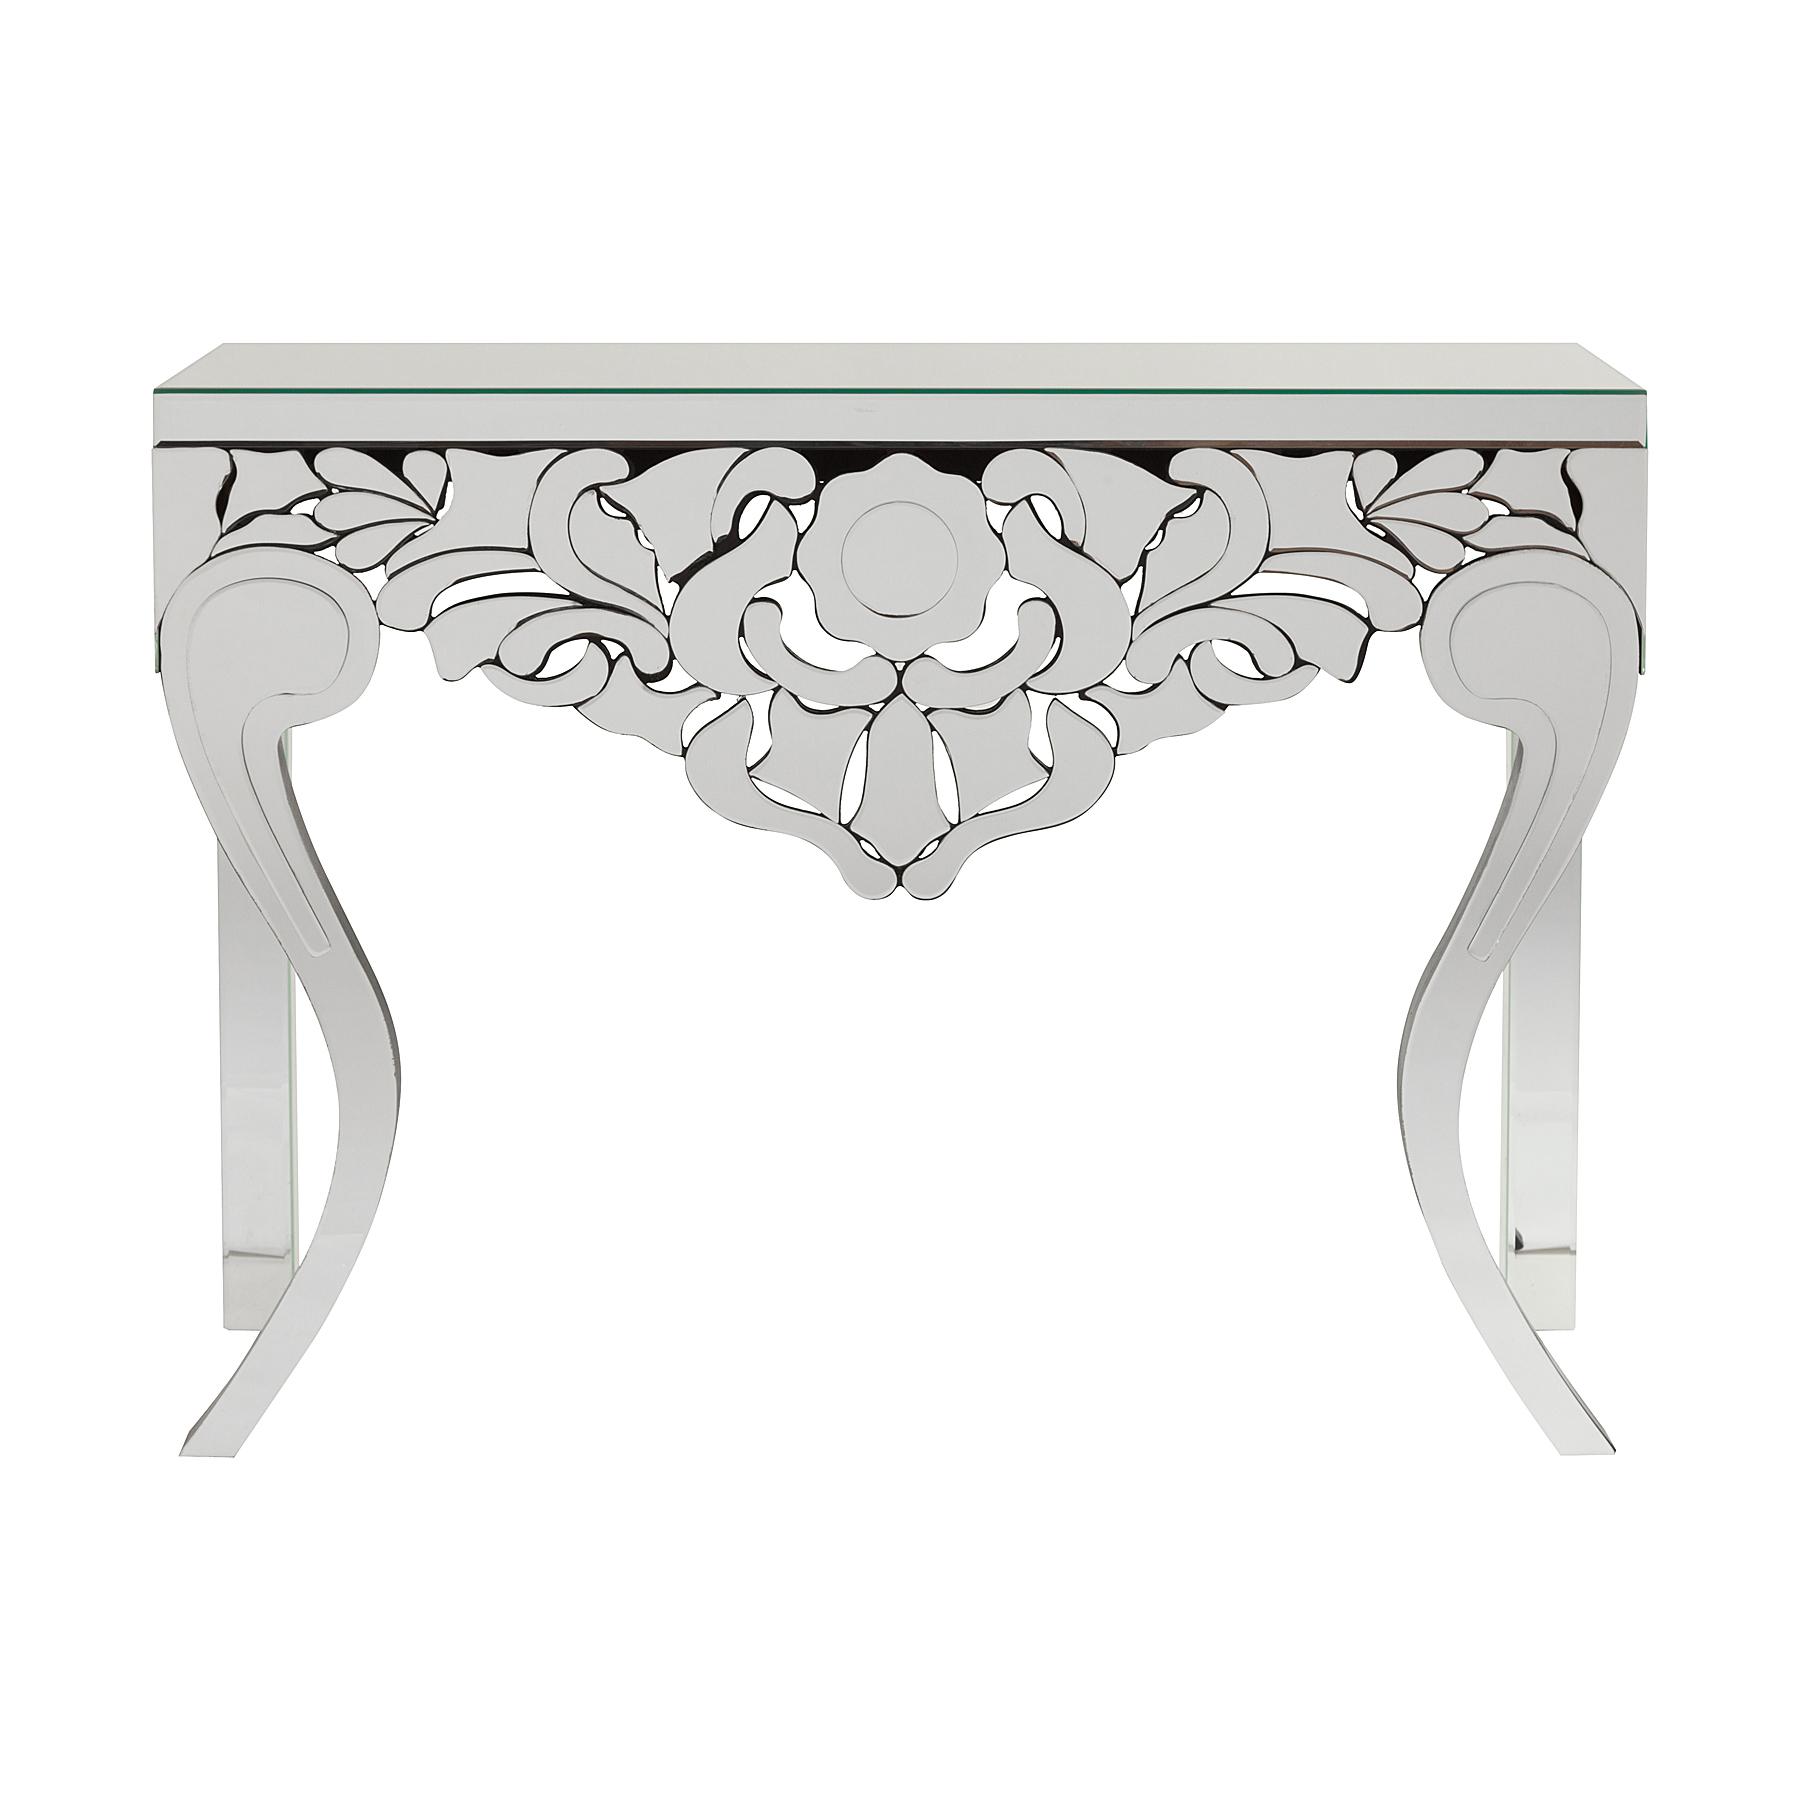 Зеркальная консоль RavennaИнтерьерные консоли<br>Оригинальная зеркальная консоль Ravenna — это роскошный предмет мебели, который придется по вкусу ценителям изысканных и дорогих вещей. Основание аксессуара изготовлено из МДФ, а по всей его поверхности расположены зеркала, отражающие блики света и визуально увеличивающие пространство, за счет этого консоль идеально впишется в любую комнату вашего дома. Зеркальная консоль способна визуально расширить даже узкие проходы в квартире. Эта конструкция подойдет для гостиной классического стиля, роскошного арт-деко, можно удачно разместить в холле или спальне. Эффектная консоль Ravenna позволит разместить на своей столешнице различные предметы декора, винтажные вазы или часы. Приобретите консоль Ravenna, это отличный подарок!&amp;amp;nbsp;&amp;lt;div&amp;gt;&amp;lt;br&amp;gt;&amp;lt;/div&amp;gt;&amp;lt;div&amp;gt;&amp;lt;br&amp;gt;&amp;lt;/div&amp;gt;<br><br>Material: Стекло<br>Width см: 110<br>Depth см: 37<br>Height см: 80